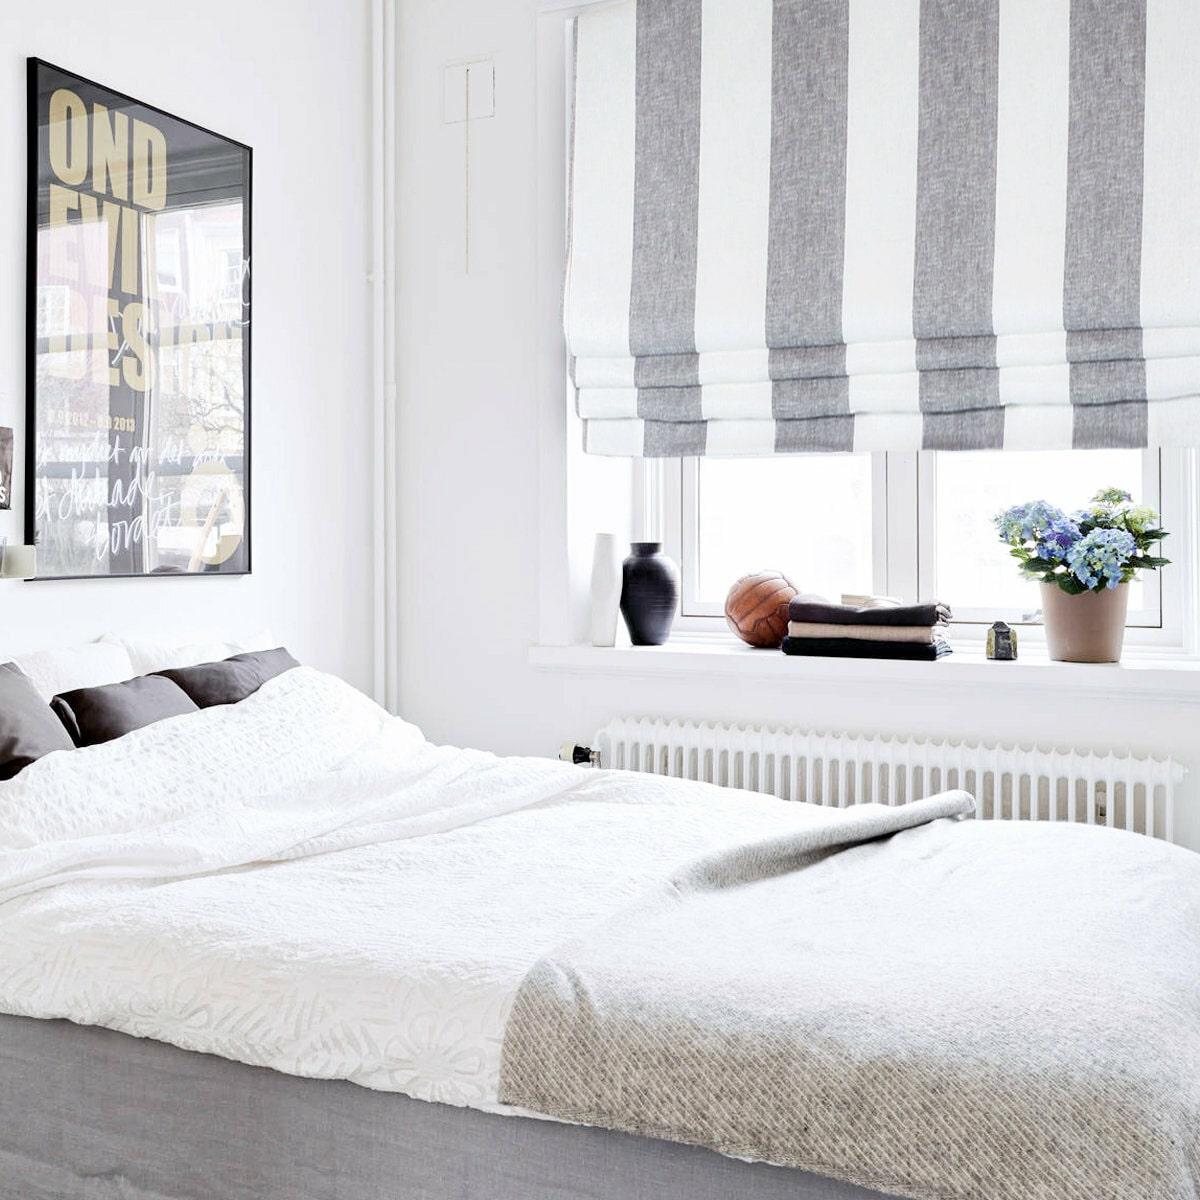 chọn rèm phòng ngủ theo loại rèm roman